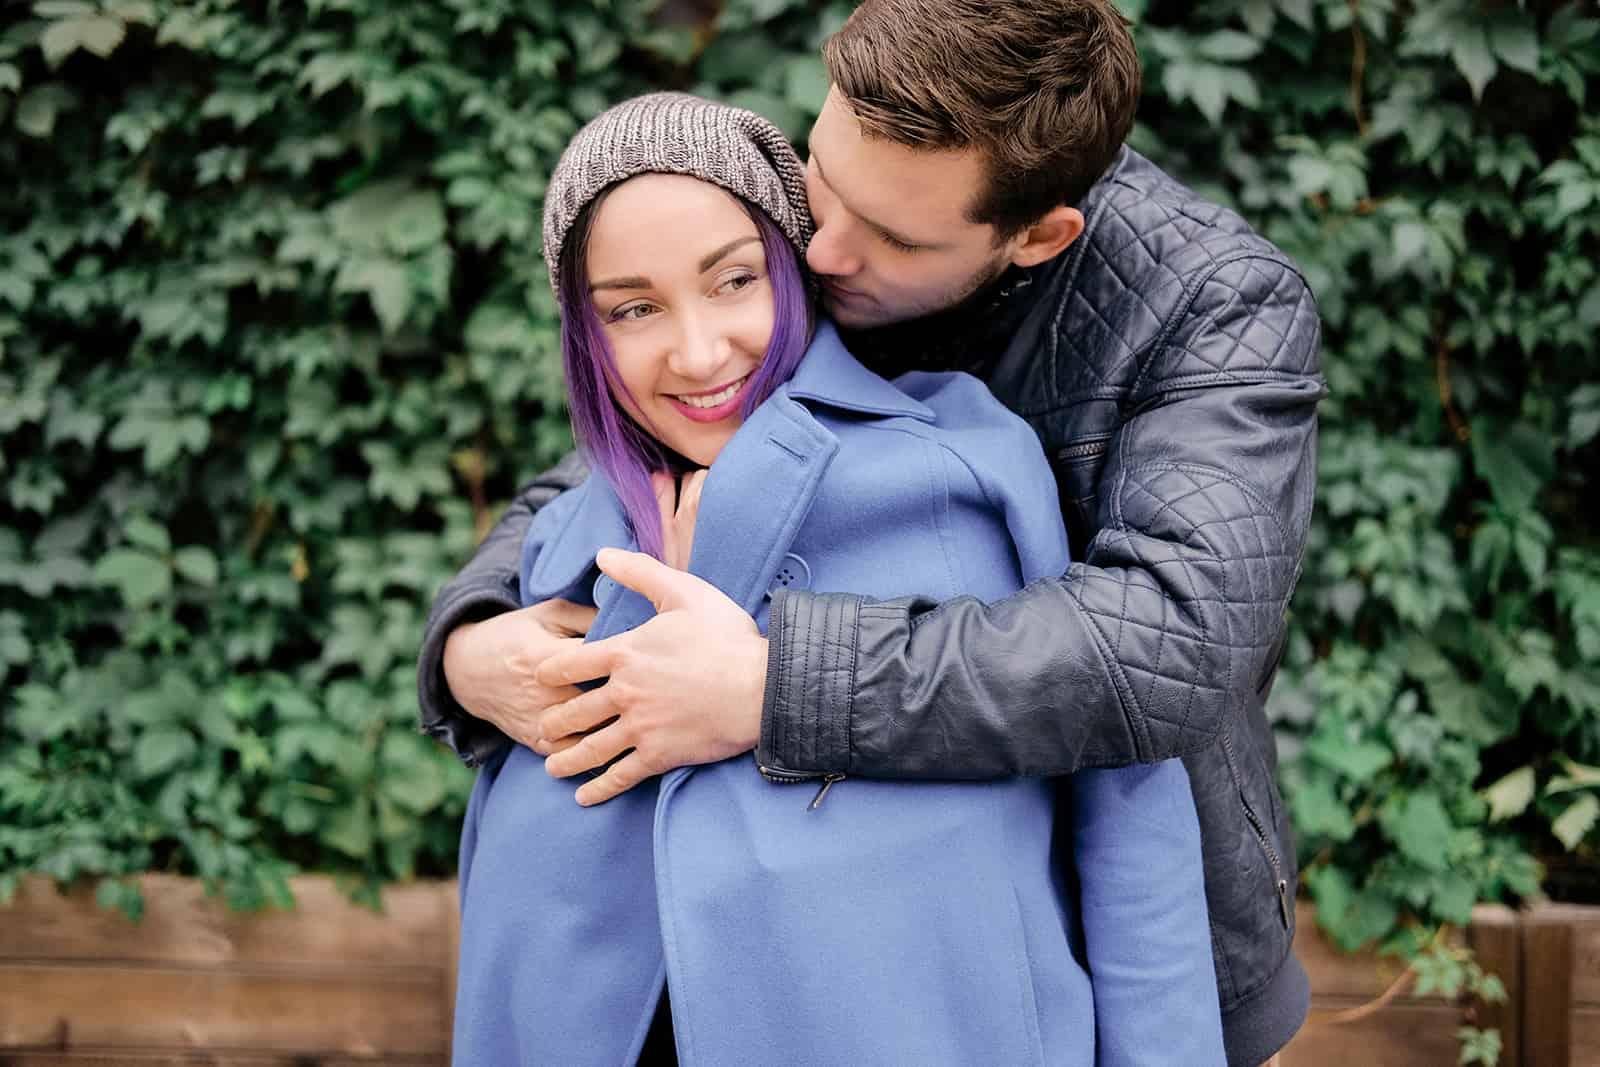 un homme embrassant une femme à l'arrière tout en se tenant à l'extérieur